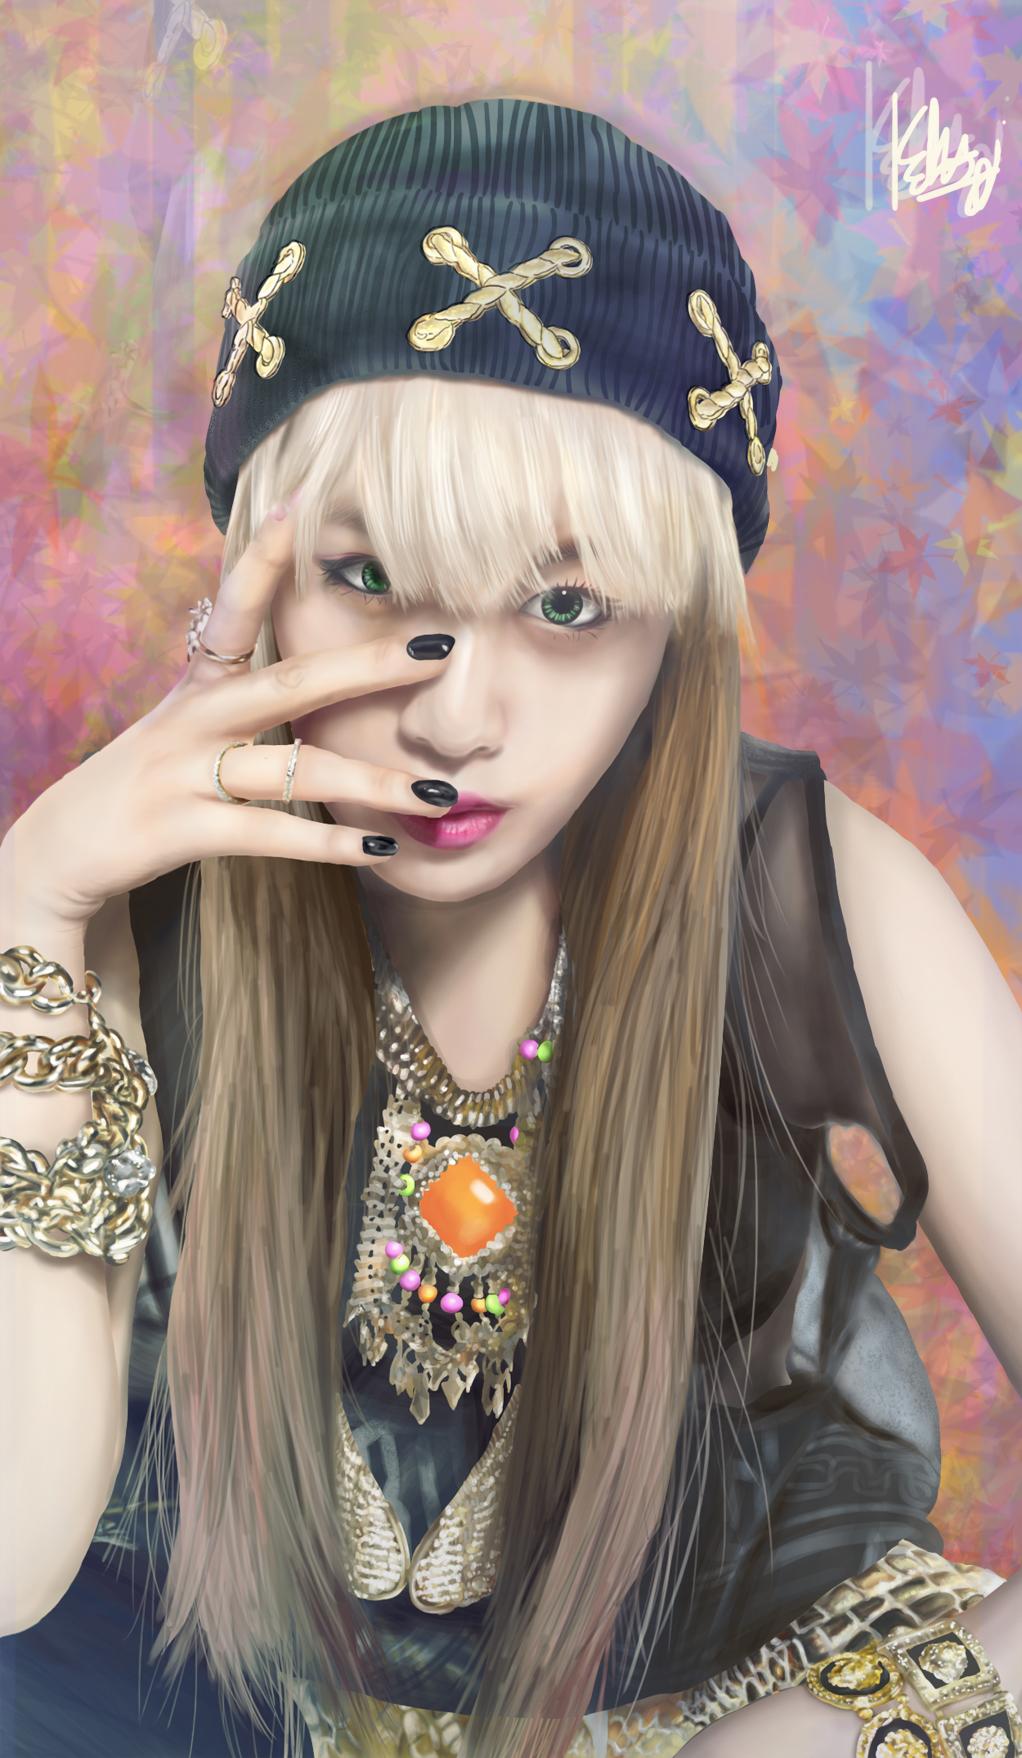 Фото Светловолосая девушка в шапке и украшениях, певица ...: http://photo.99px.ru/photos/202344/